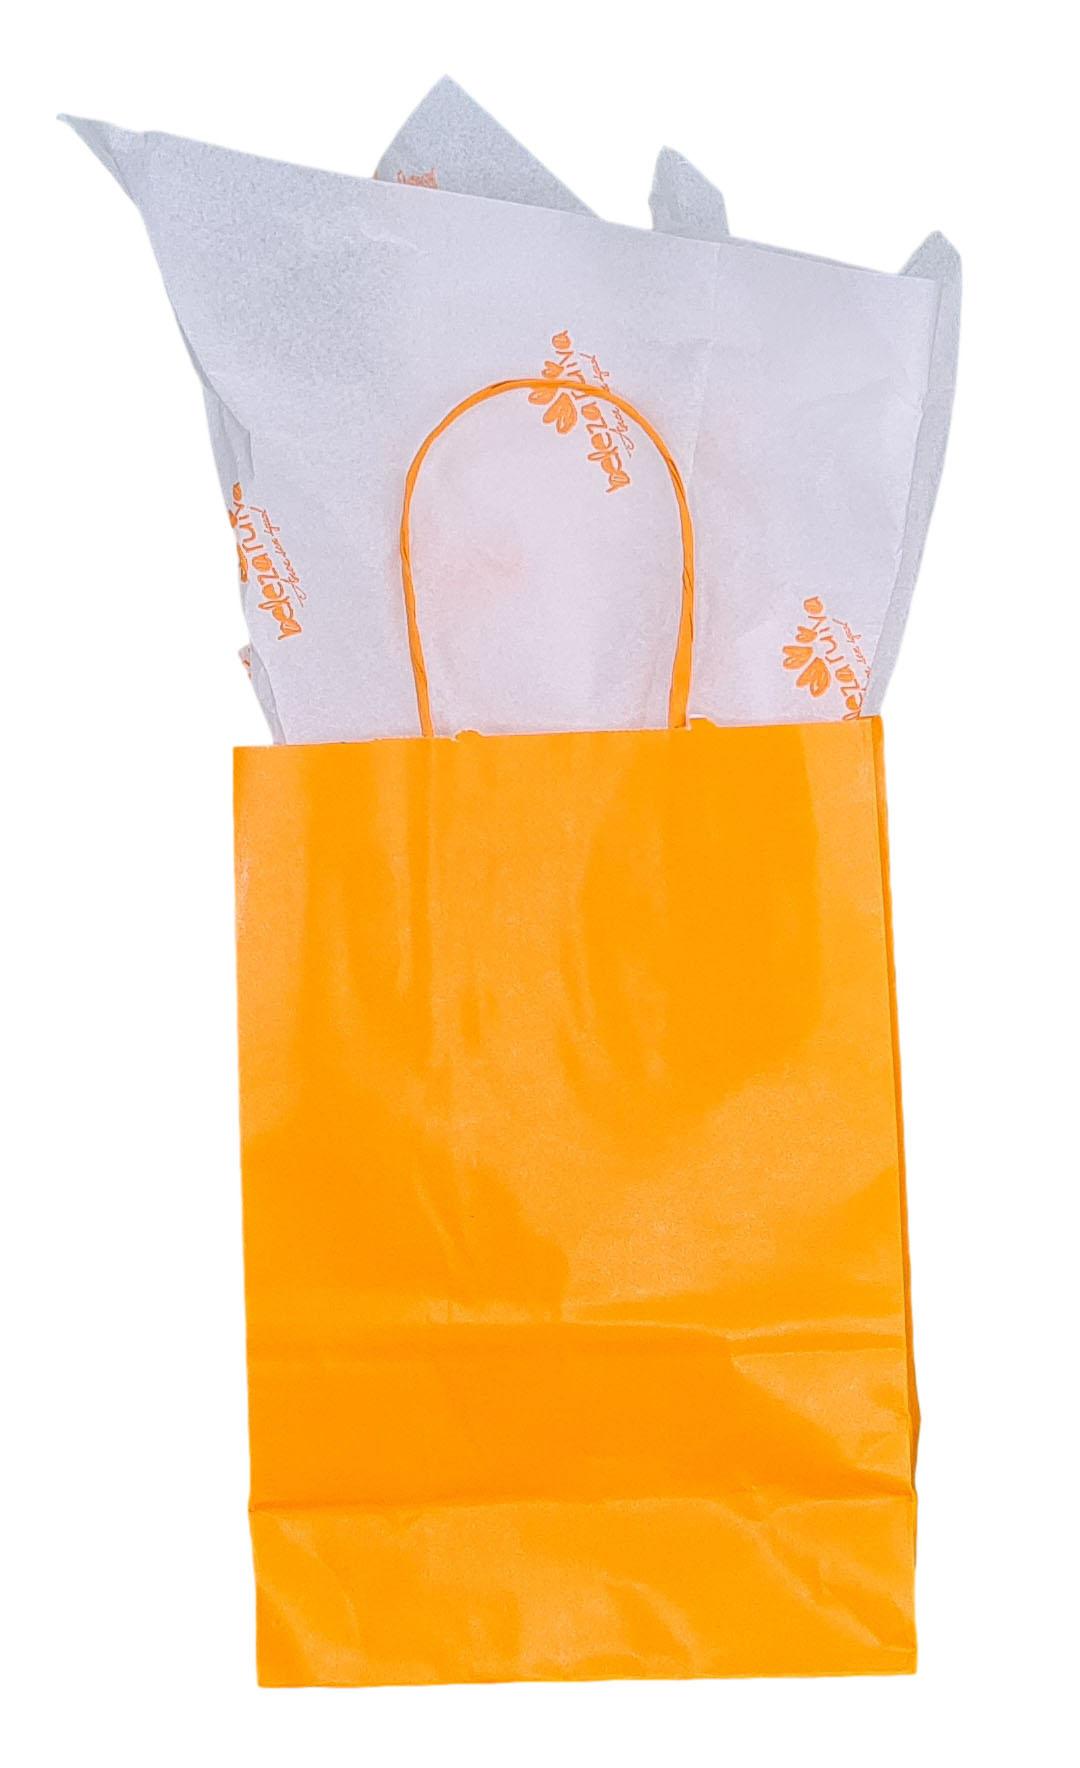 Papel de Seda Personalizado 20g/m - Tamanho 50 x 70 - Linha paper 395  - Litex Embalagens